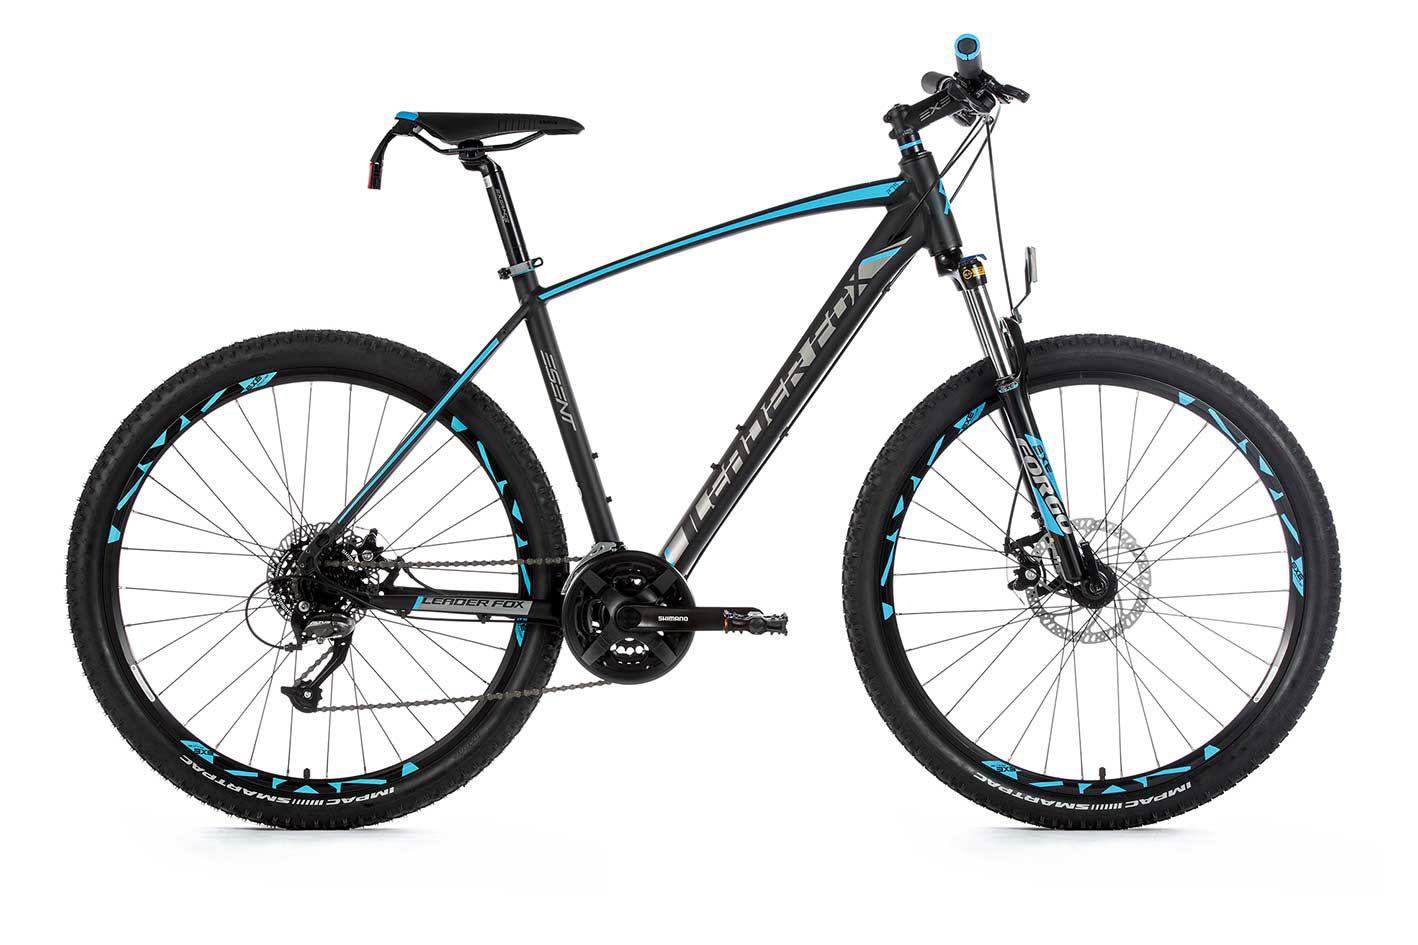 Bicicleta MTB 27.5 inch Leader Fox Esent